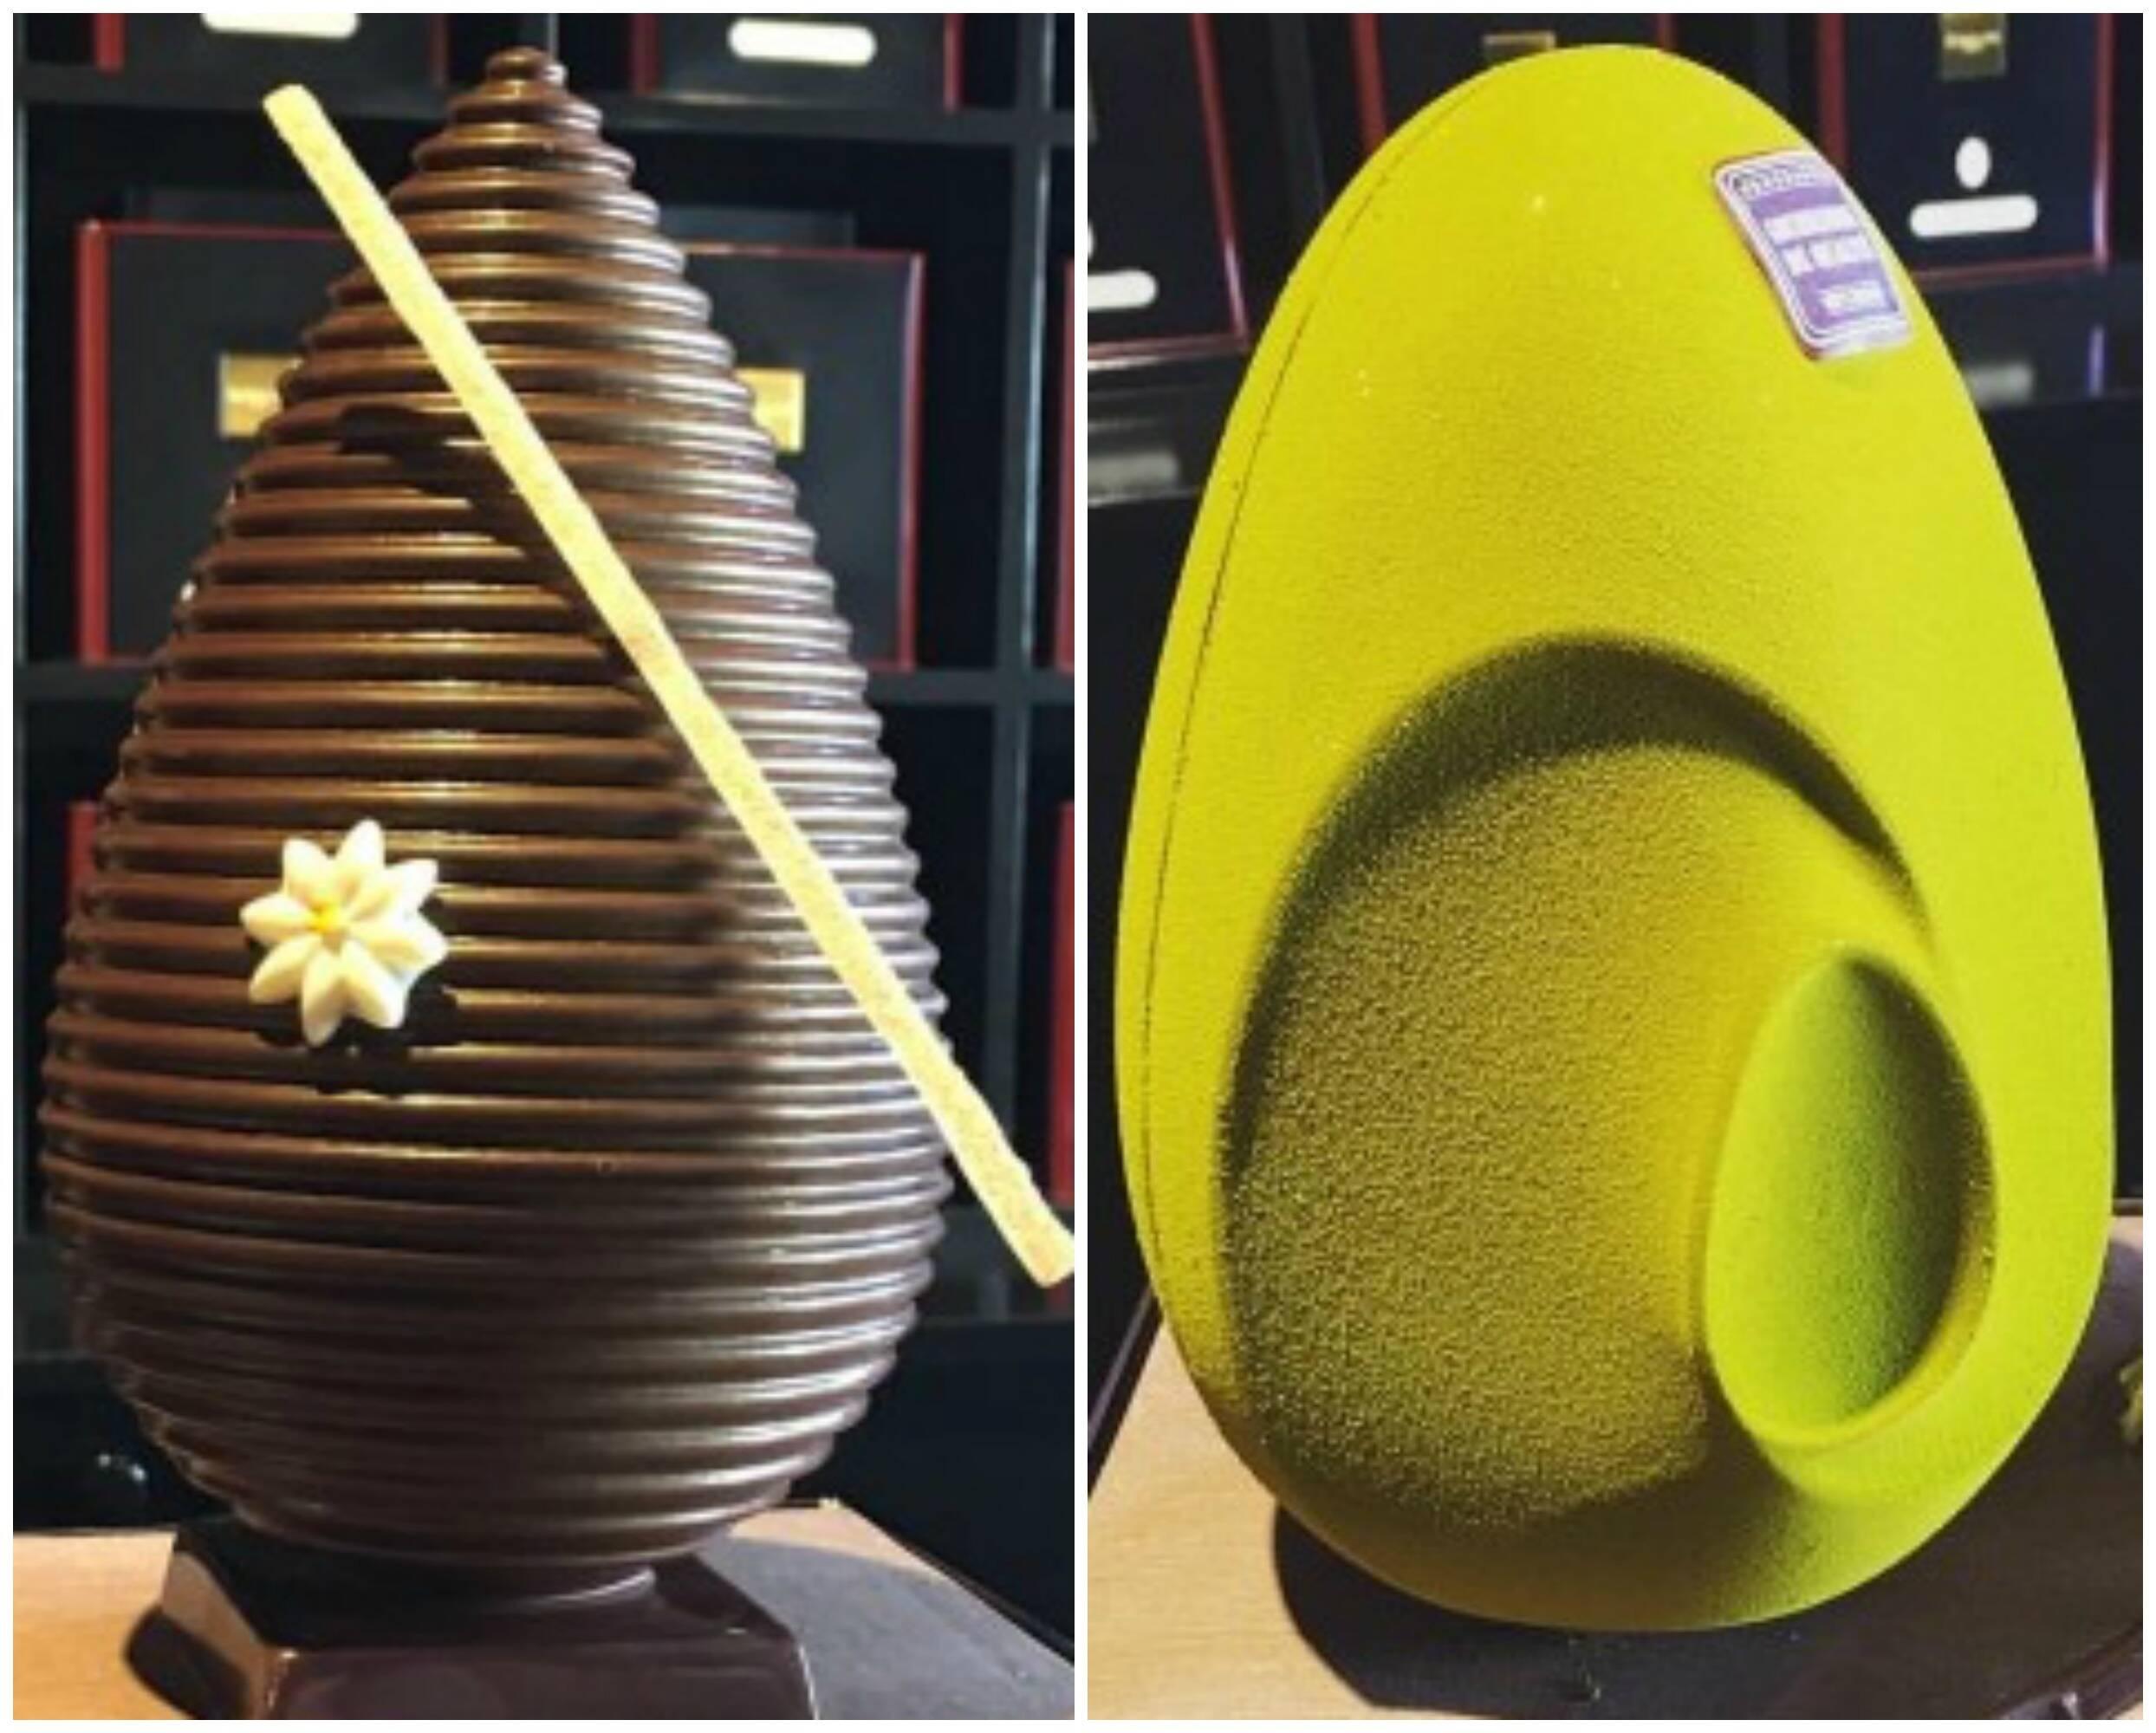 Os chocolates suíços da fábrica Verbier: se a opção for o produto nacional, os mais saudáveis são os que têm